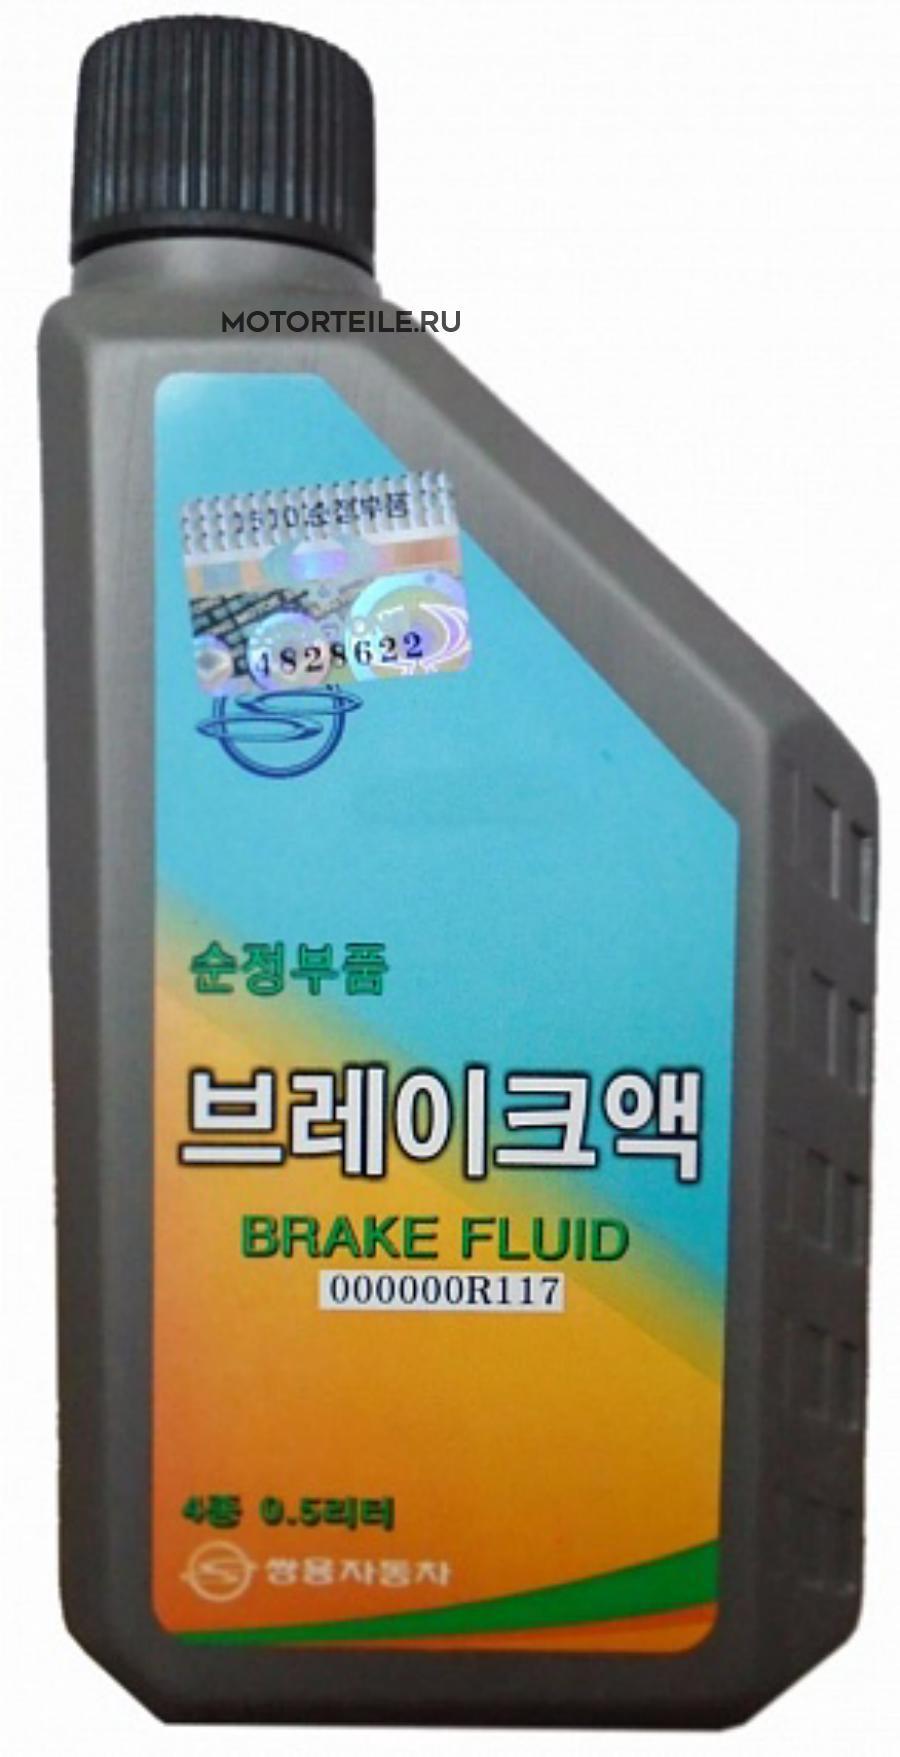 Жидкость тормозная SSANGYONG BRAKE FLUID DOT-4, 0.5 литра все SSANGYONG